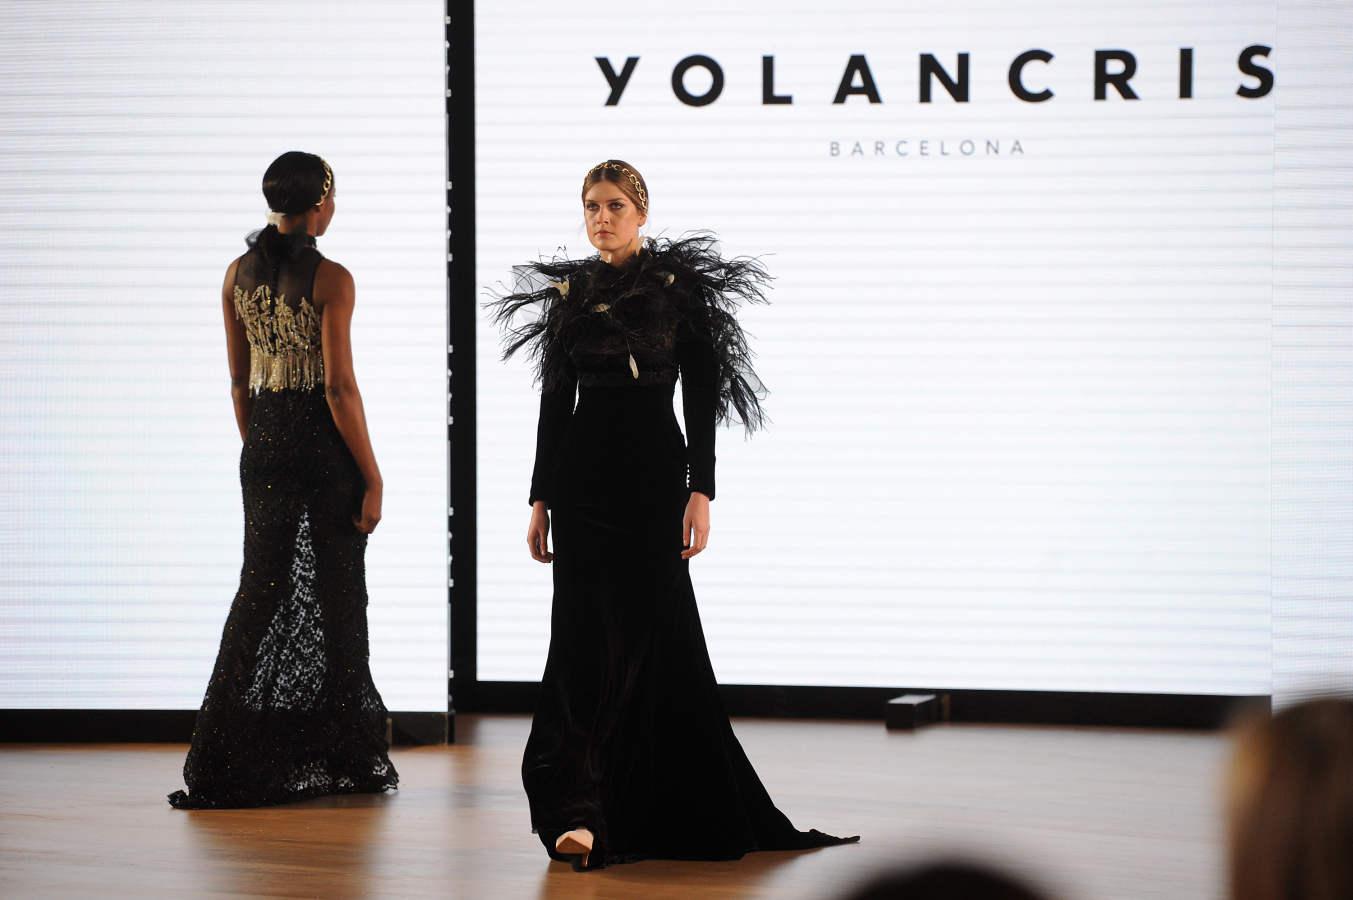 La colección de Yolancris, en imágenes